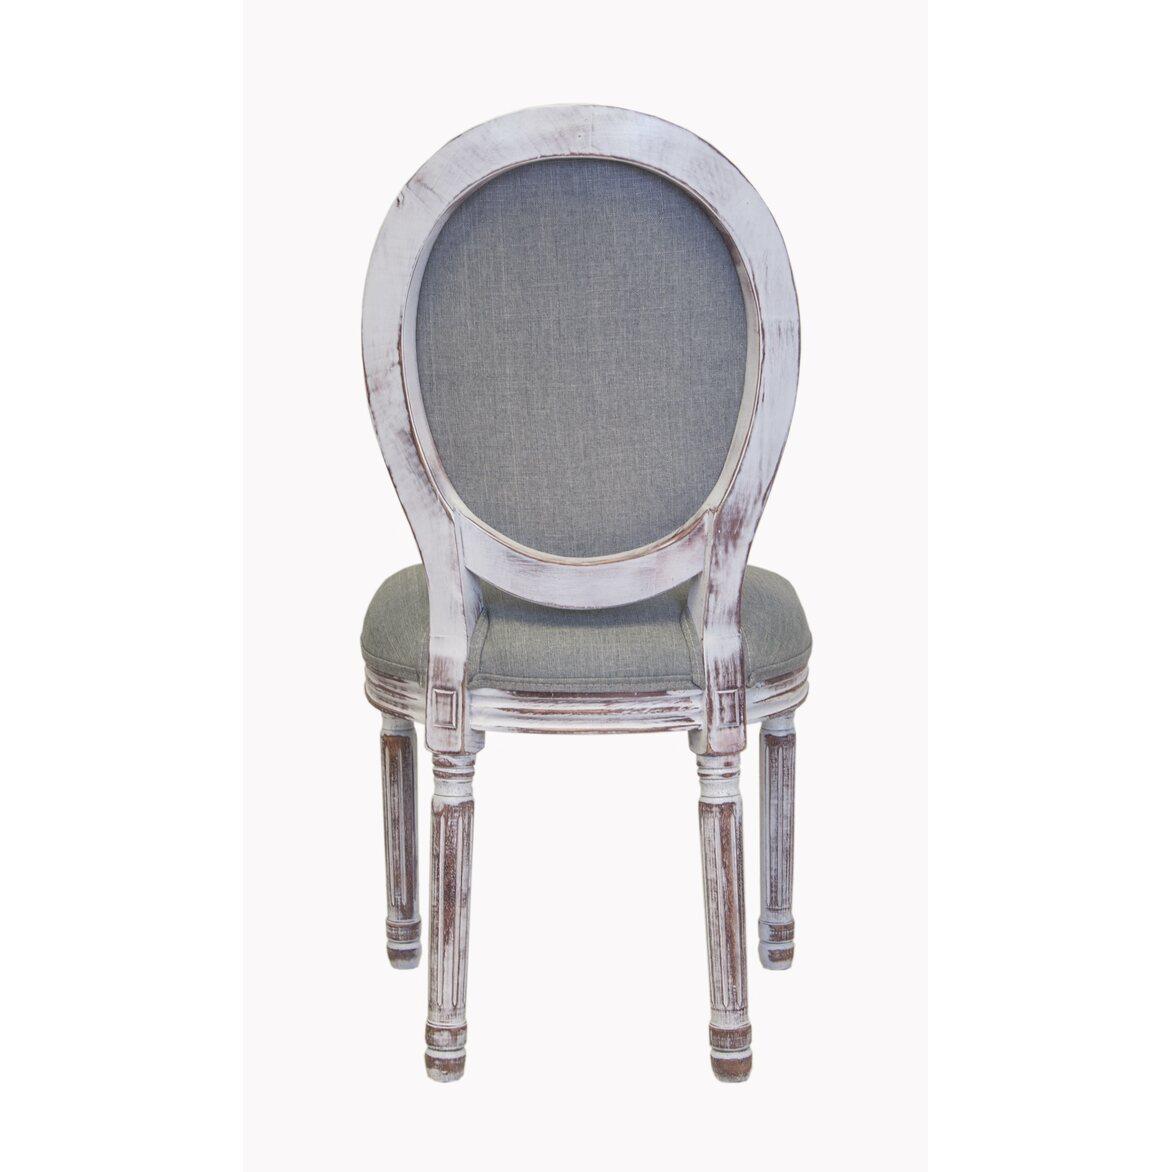 Стул Volker old grey 3 | Обеденные стулья Kingsby